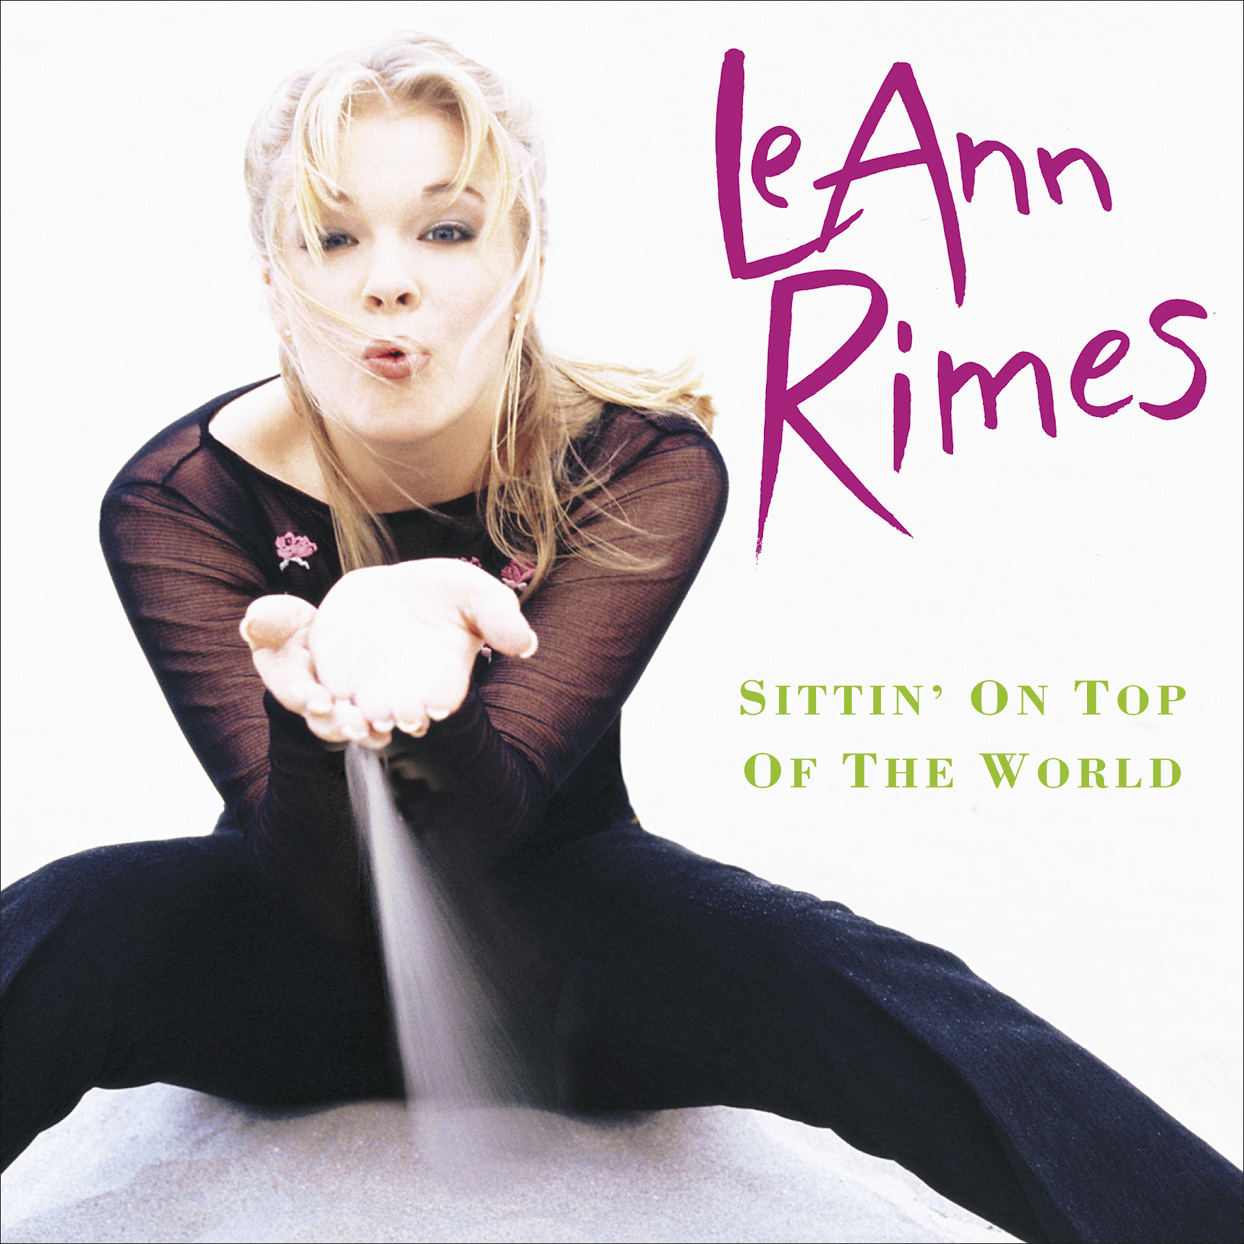 LeAnn-sittin CD CVR.jpg